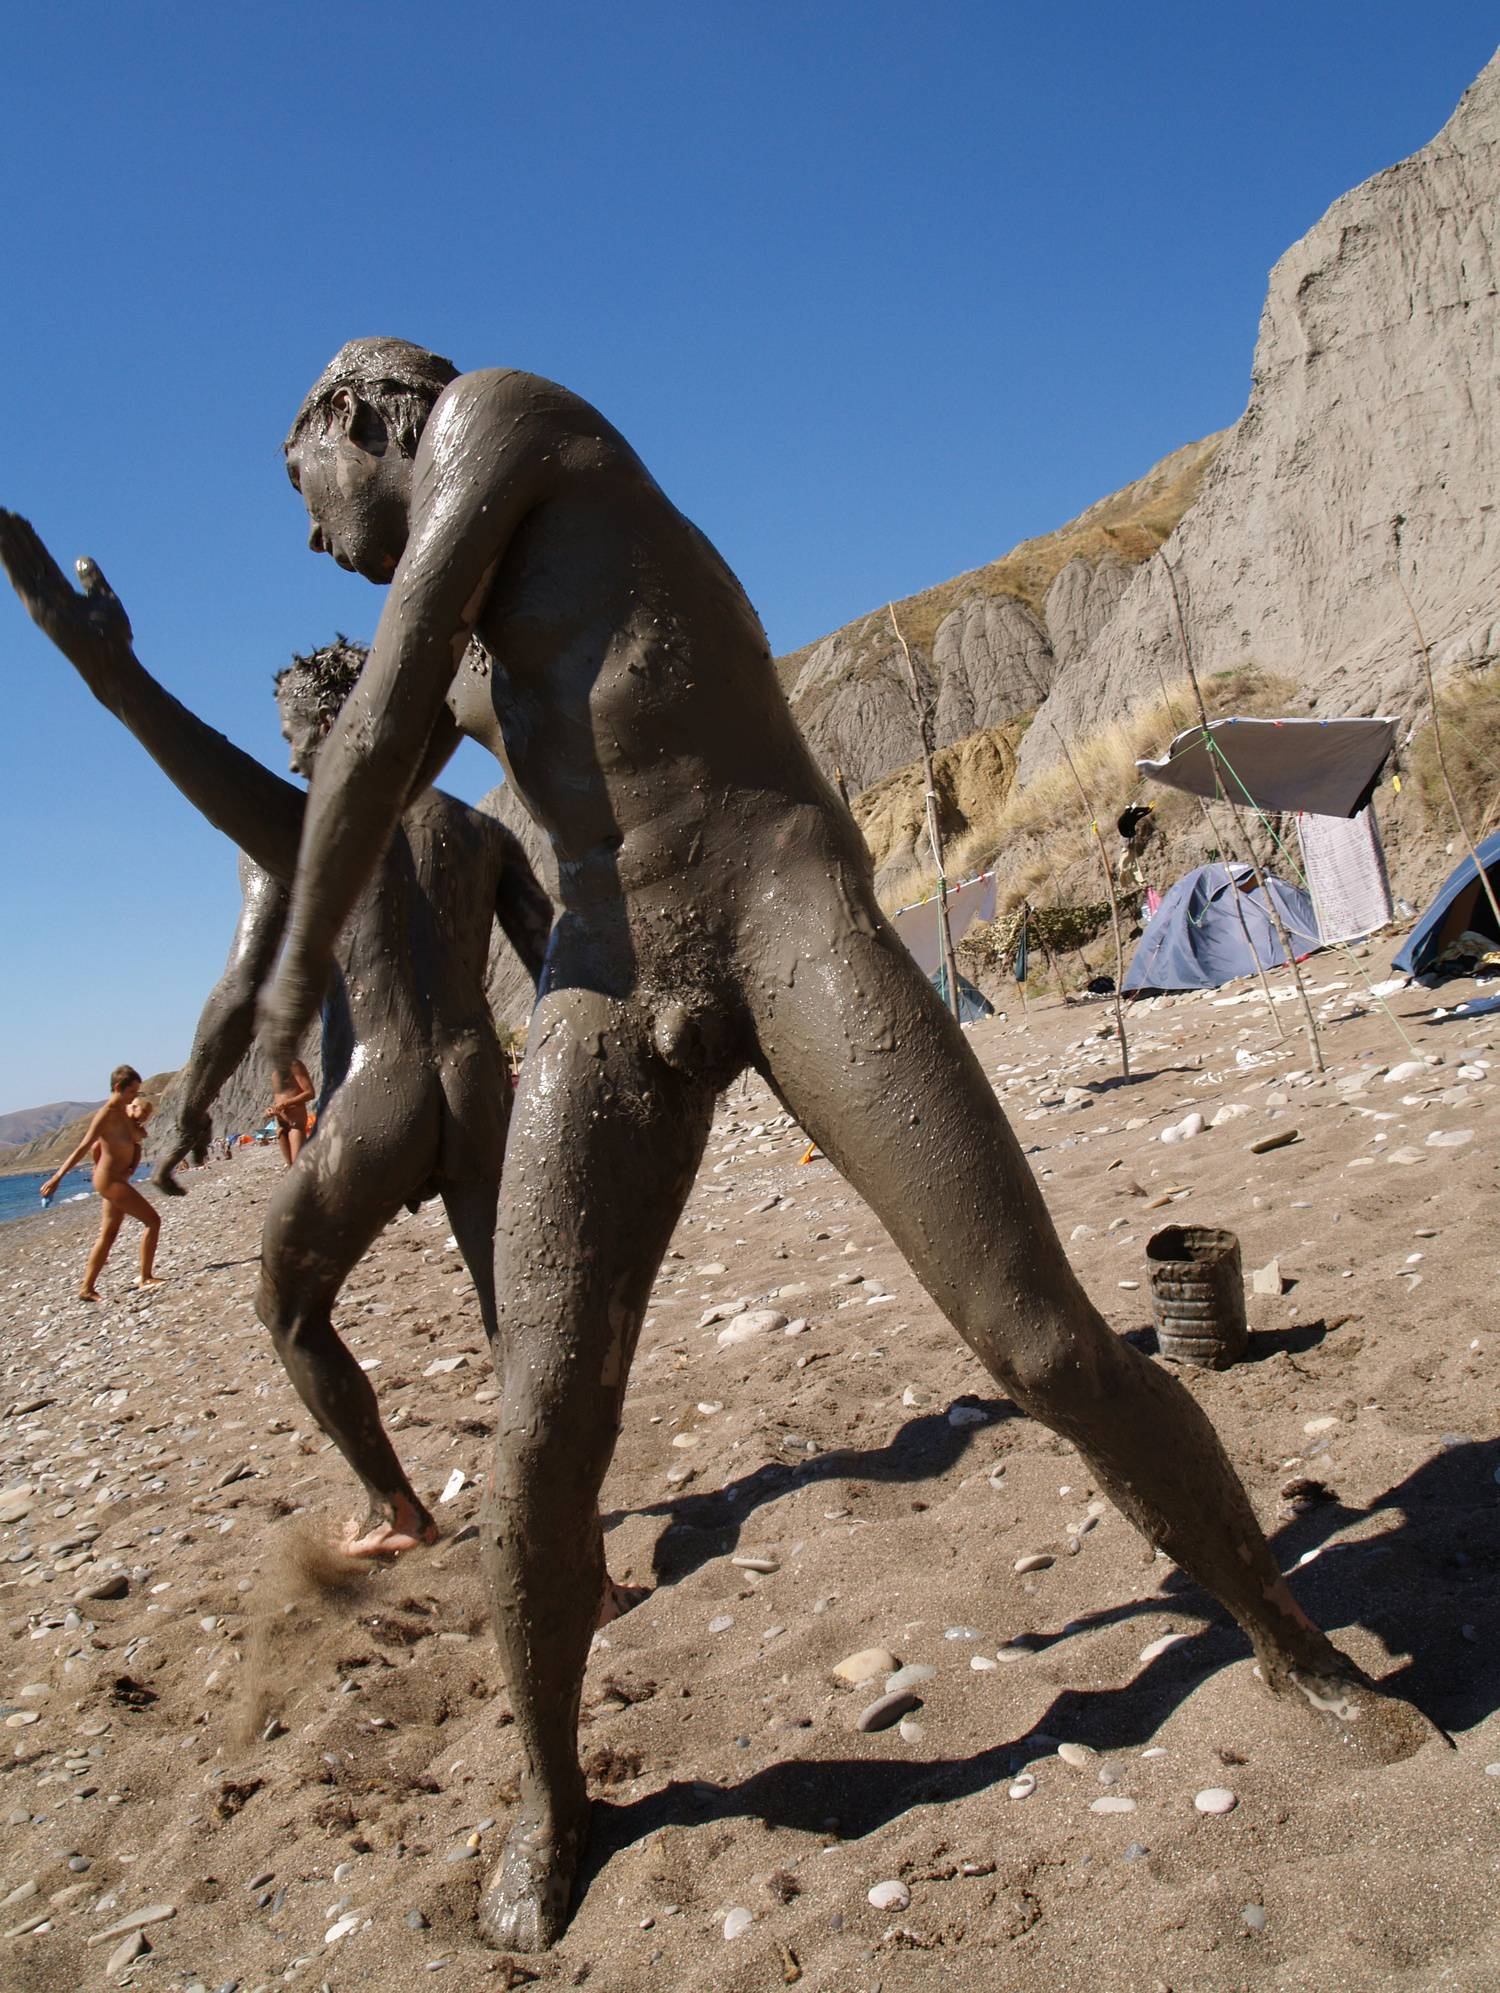 Purenudism Images-Nude Beach Mud Soldiers - 2